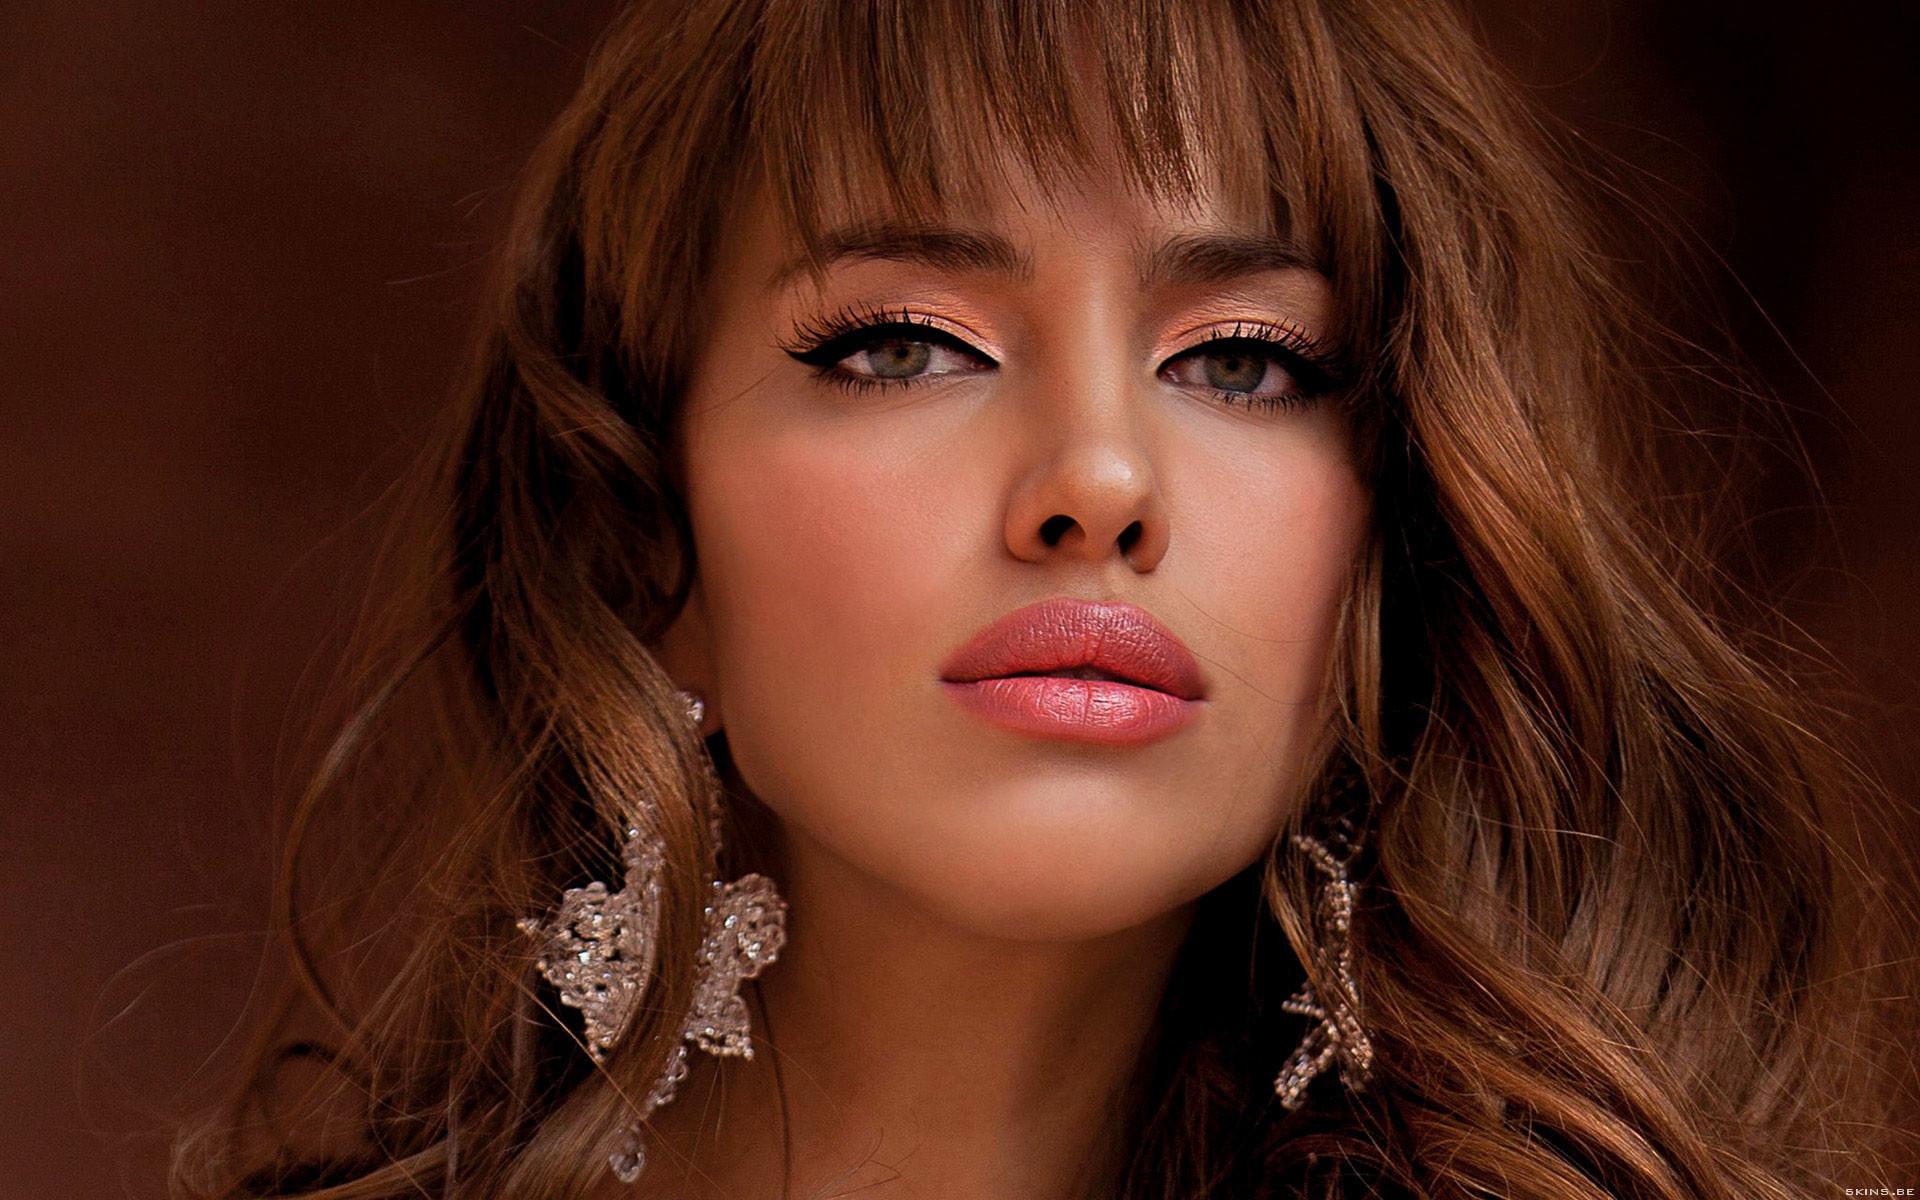 Iriana Sheik Beautiful Face HD Wallpapers in HD